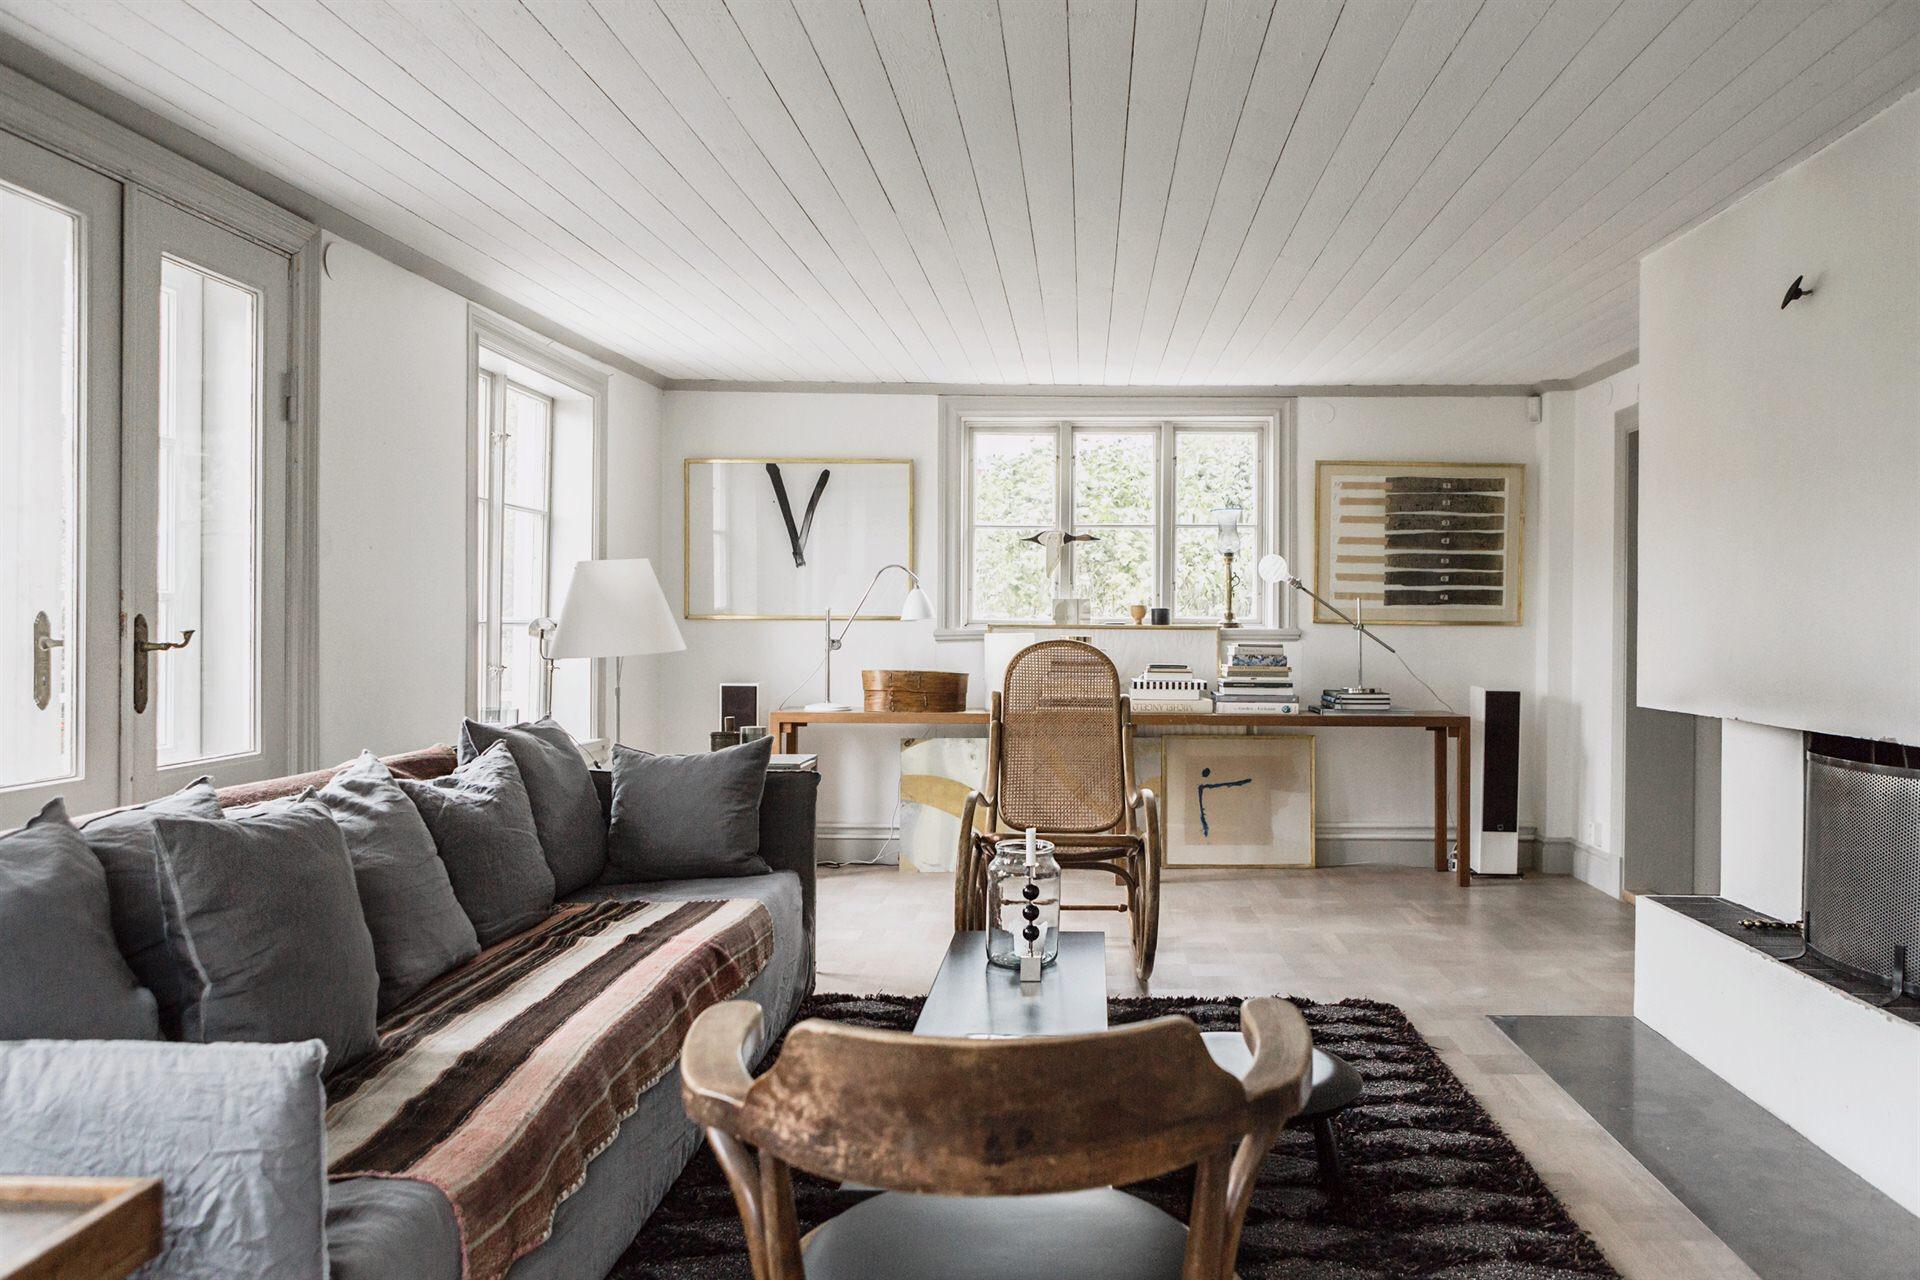 гостиная серый диван камин рабочая зона стол окно лампы